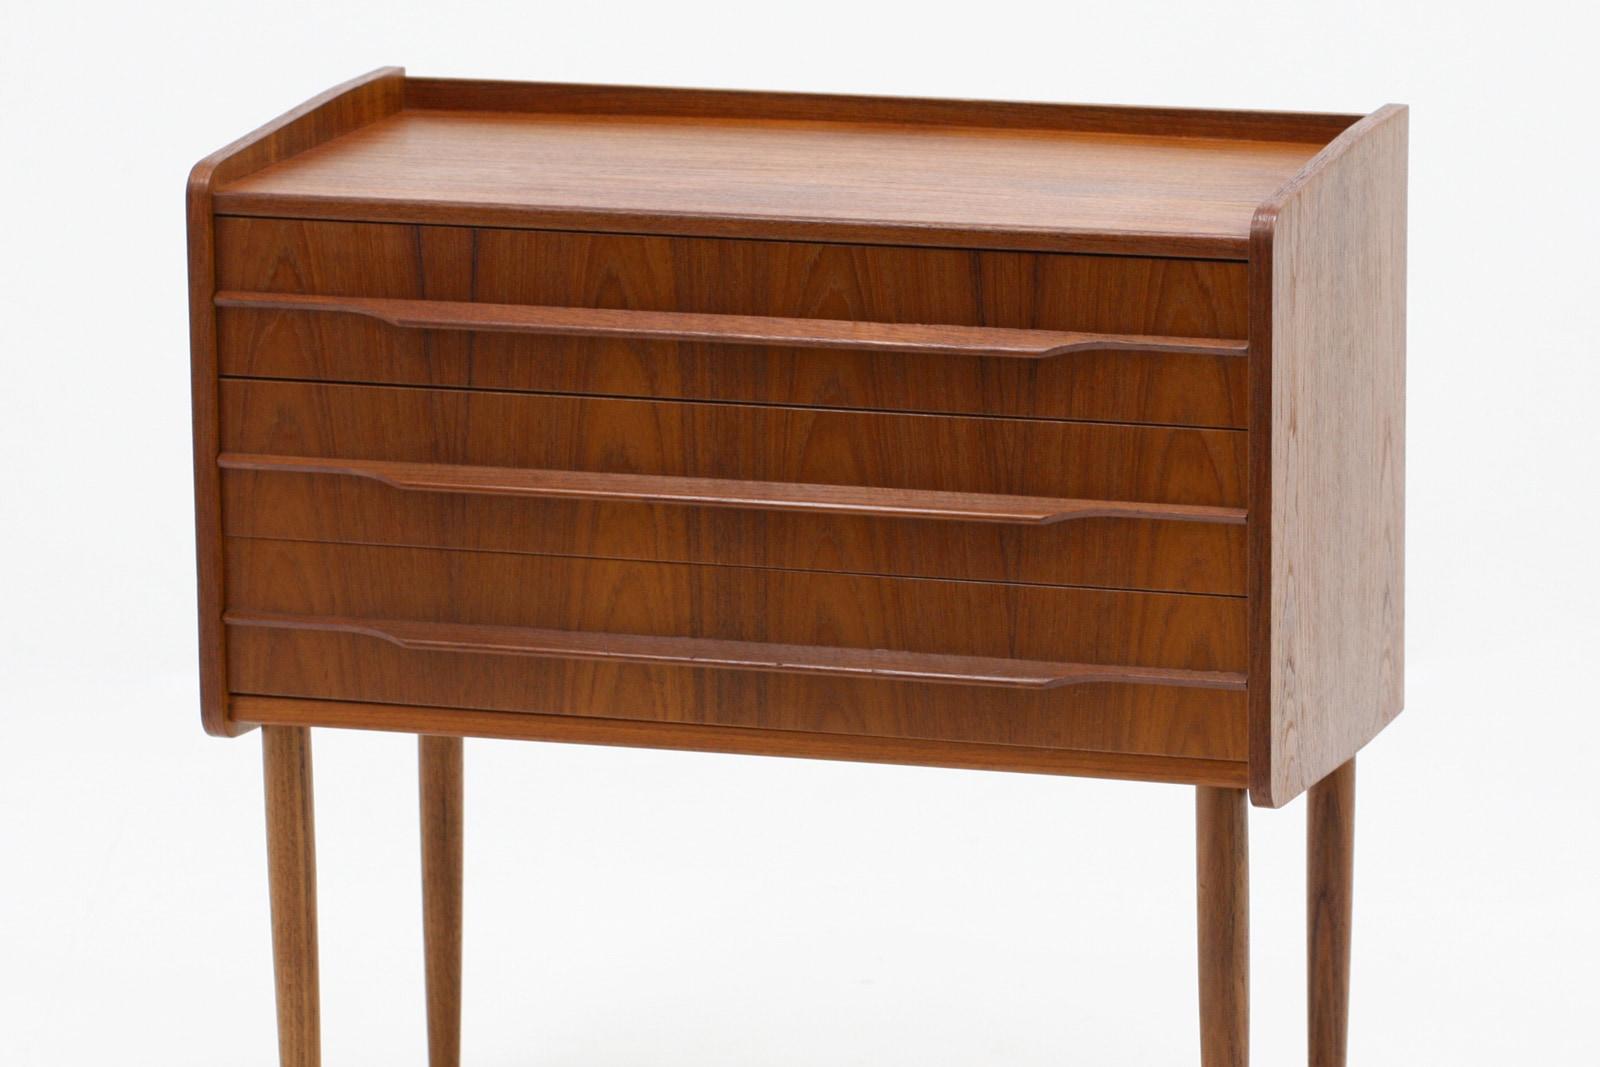 ヴィンテージ,北欧家具,小さい,3段,チェスト,チーク材